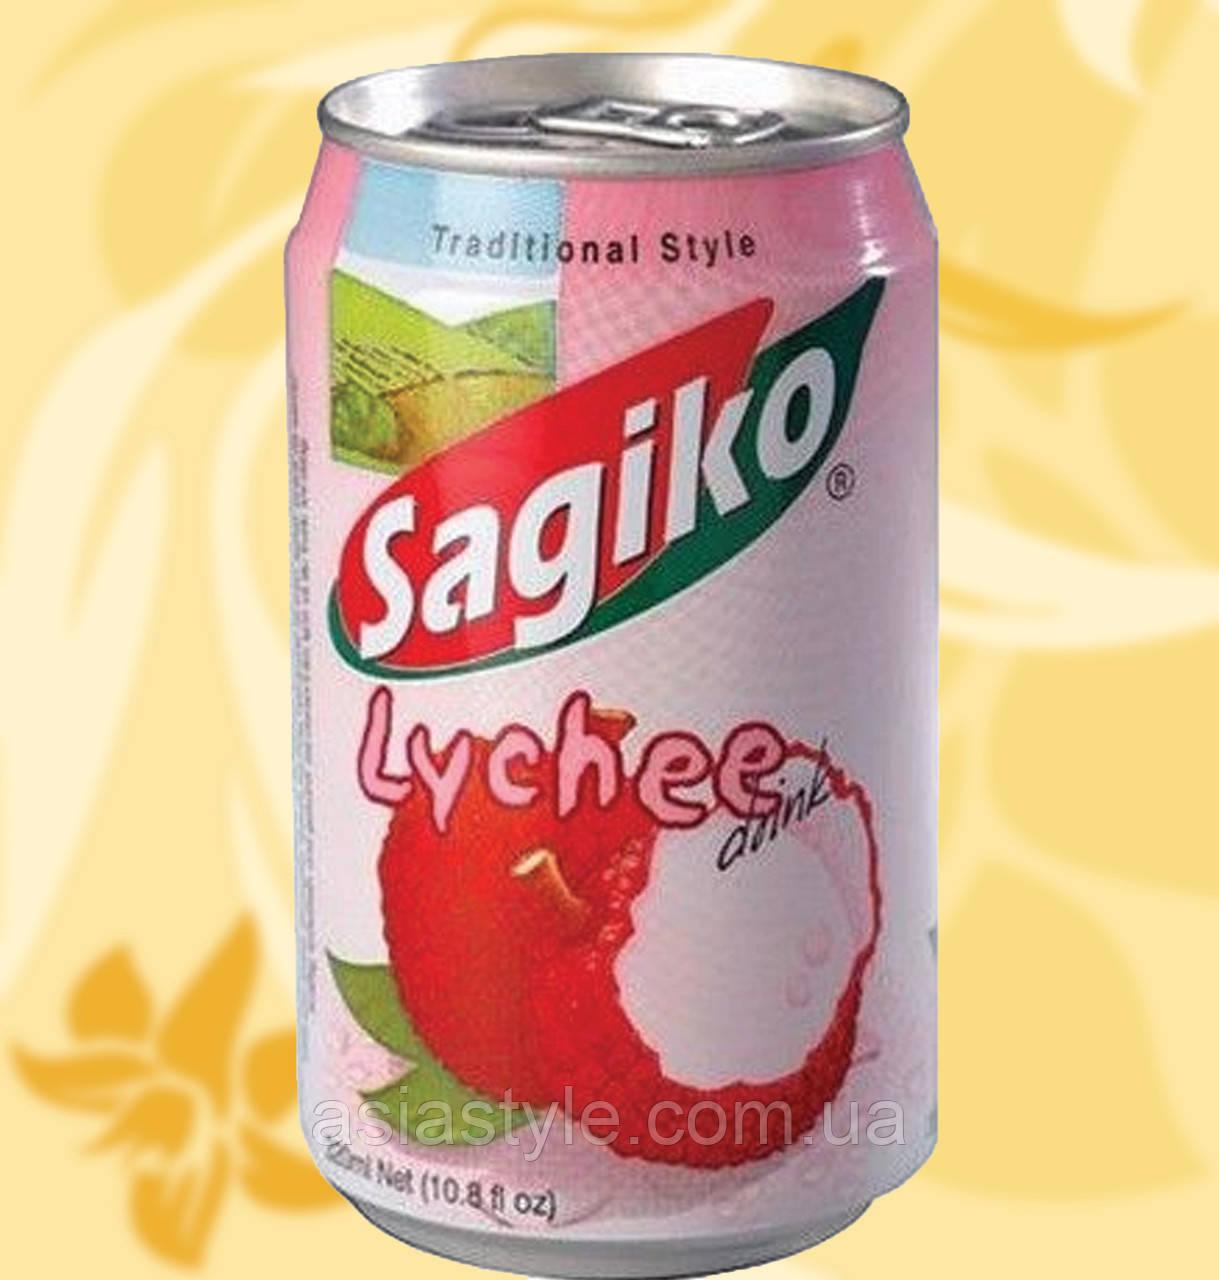 Напій Лічі, Sagiko, 320 мл, В'єтнам, Sagiko Lychee, АФ